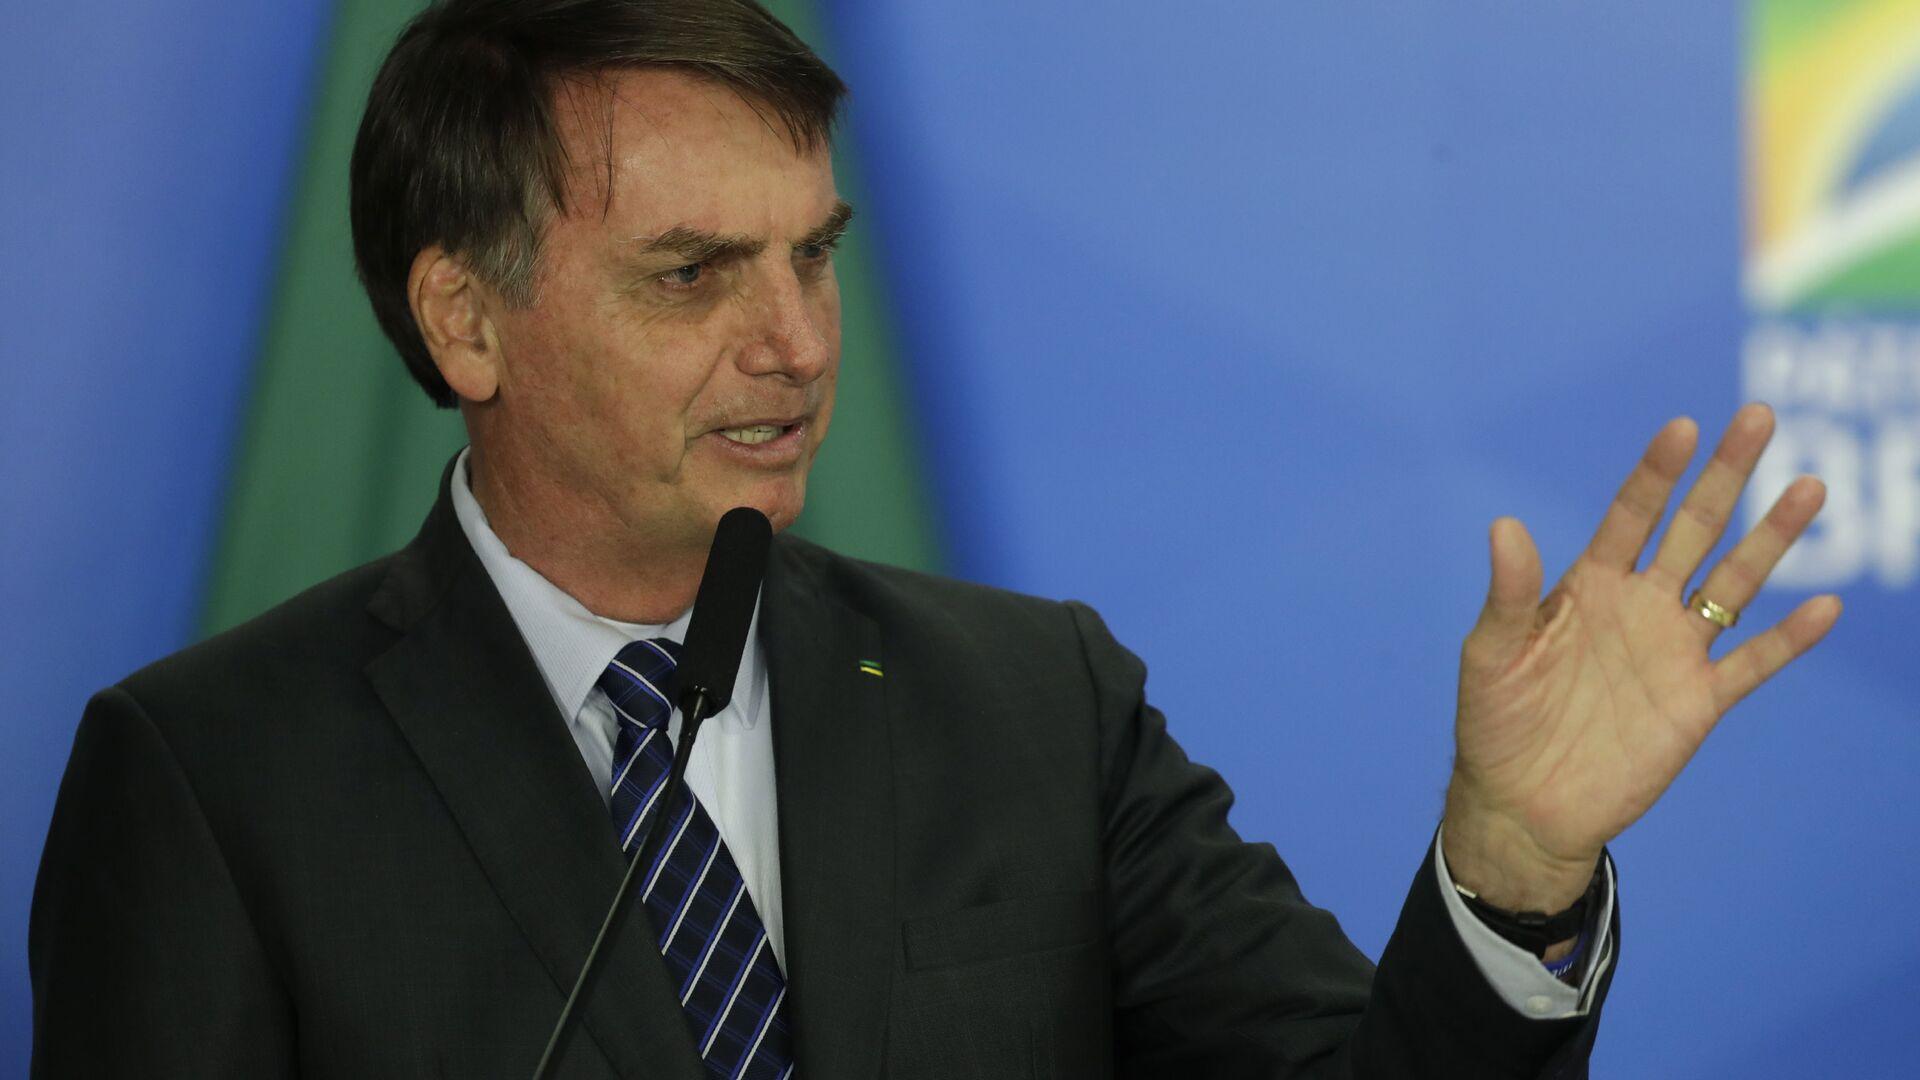 Jair Bolsonaro, el presidente de Brasil - Sputnik Mundo, 1920, 06.08.2021